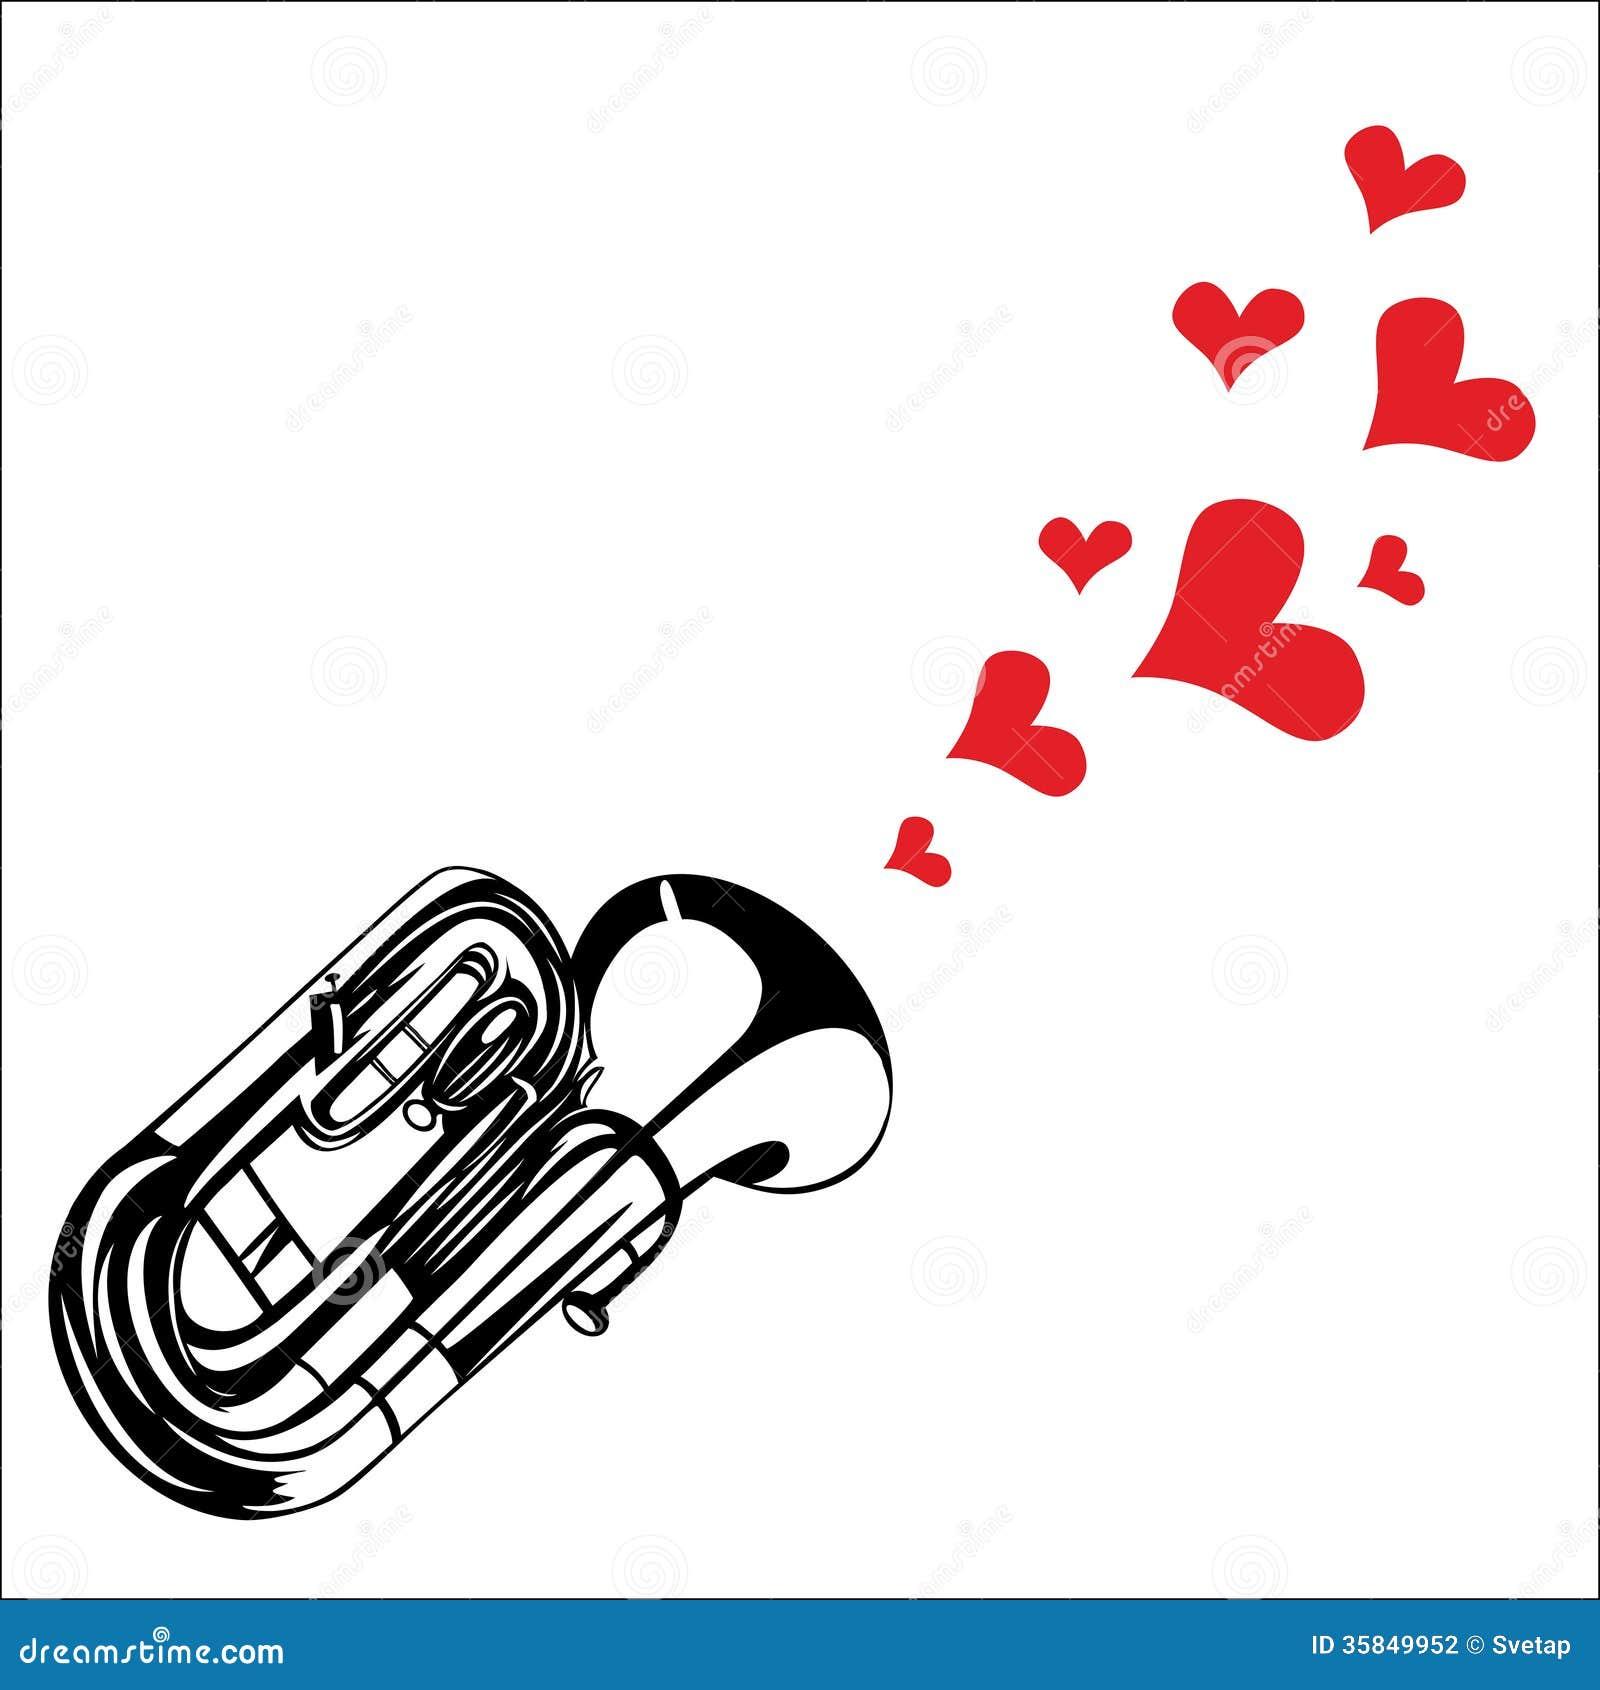 Ensemble de trompette sur fond blanc - Telecharger Vectoriel Gratuit,  Clipart Graphique, Vecteur Dessins et Pictogramme Gratuit